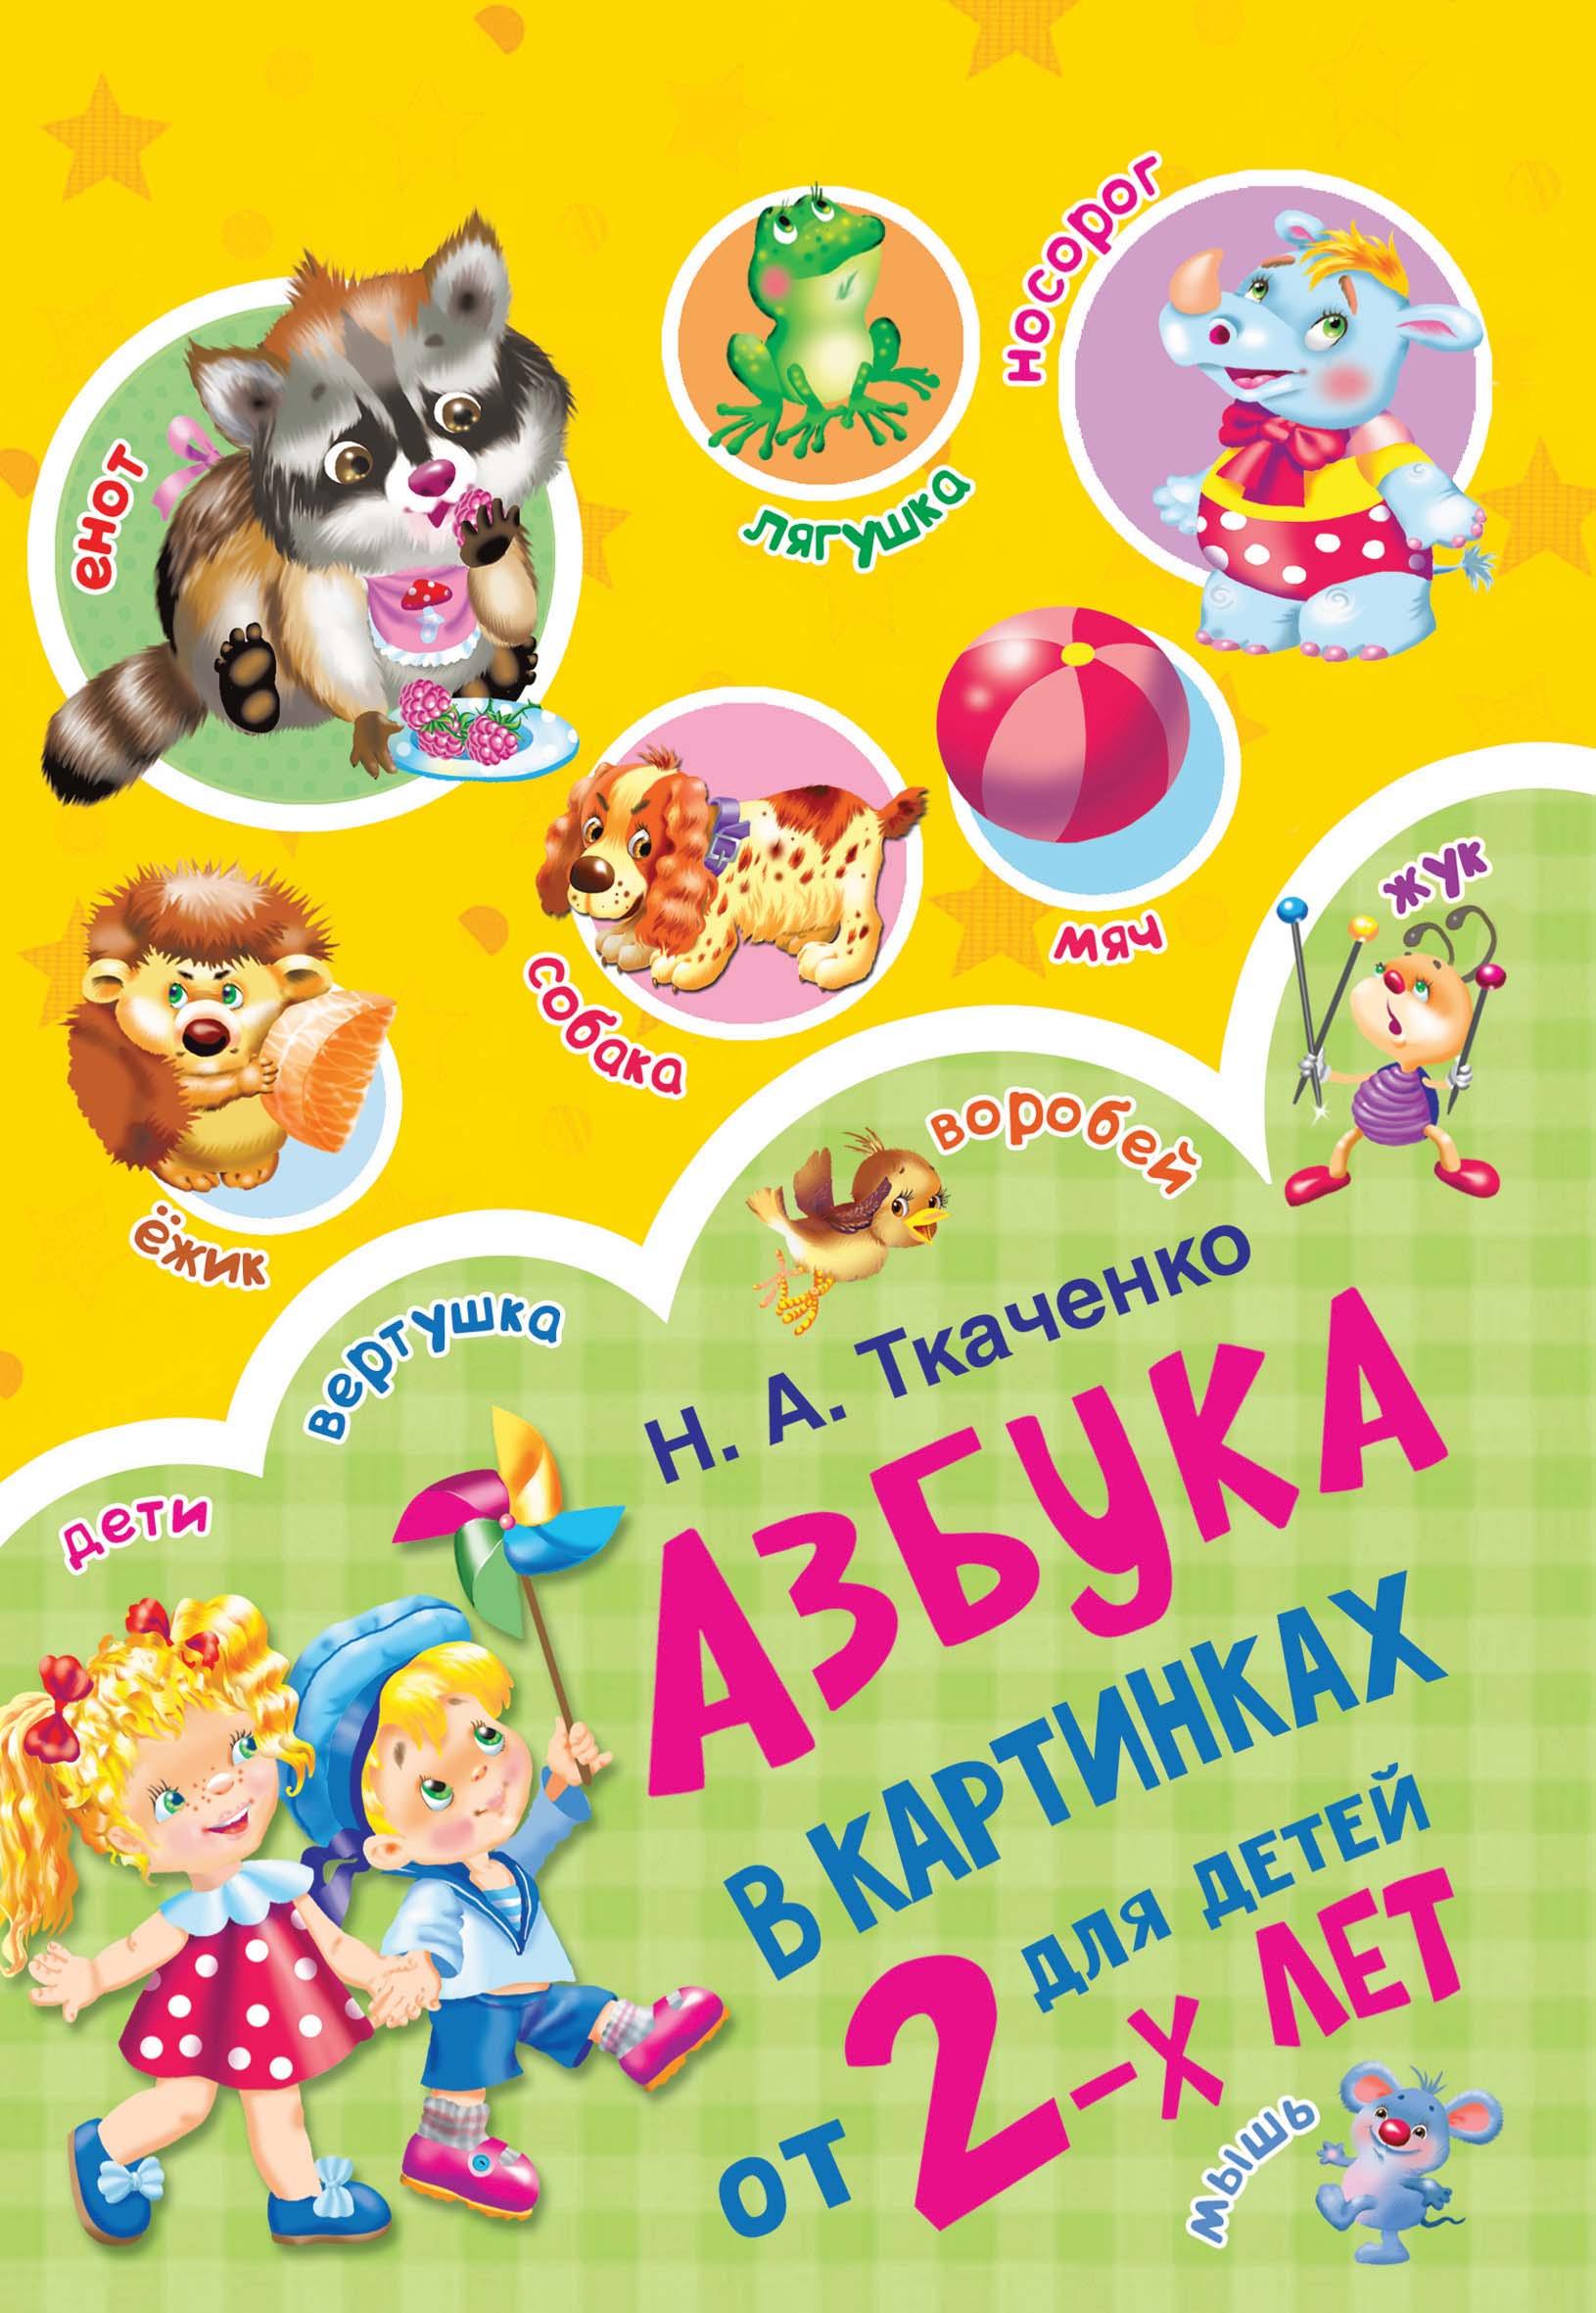 м п тумановская азбука с крупными буквами для самых маленьких М. П. Тумановская Азбука в картинках для детей от 2 лет